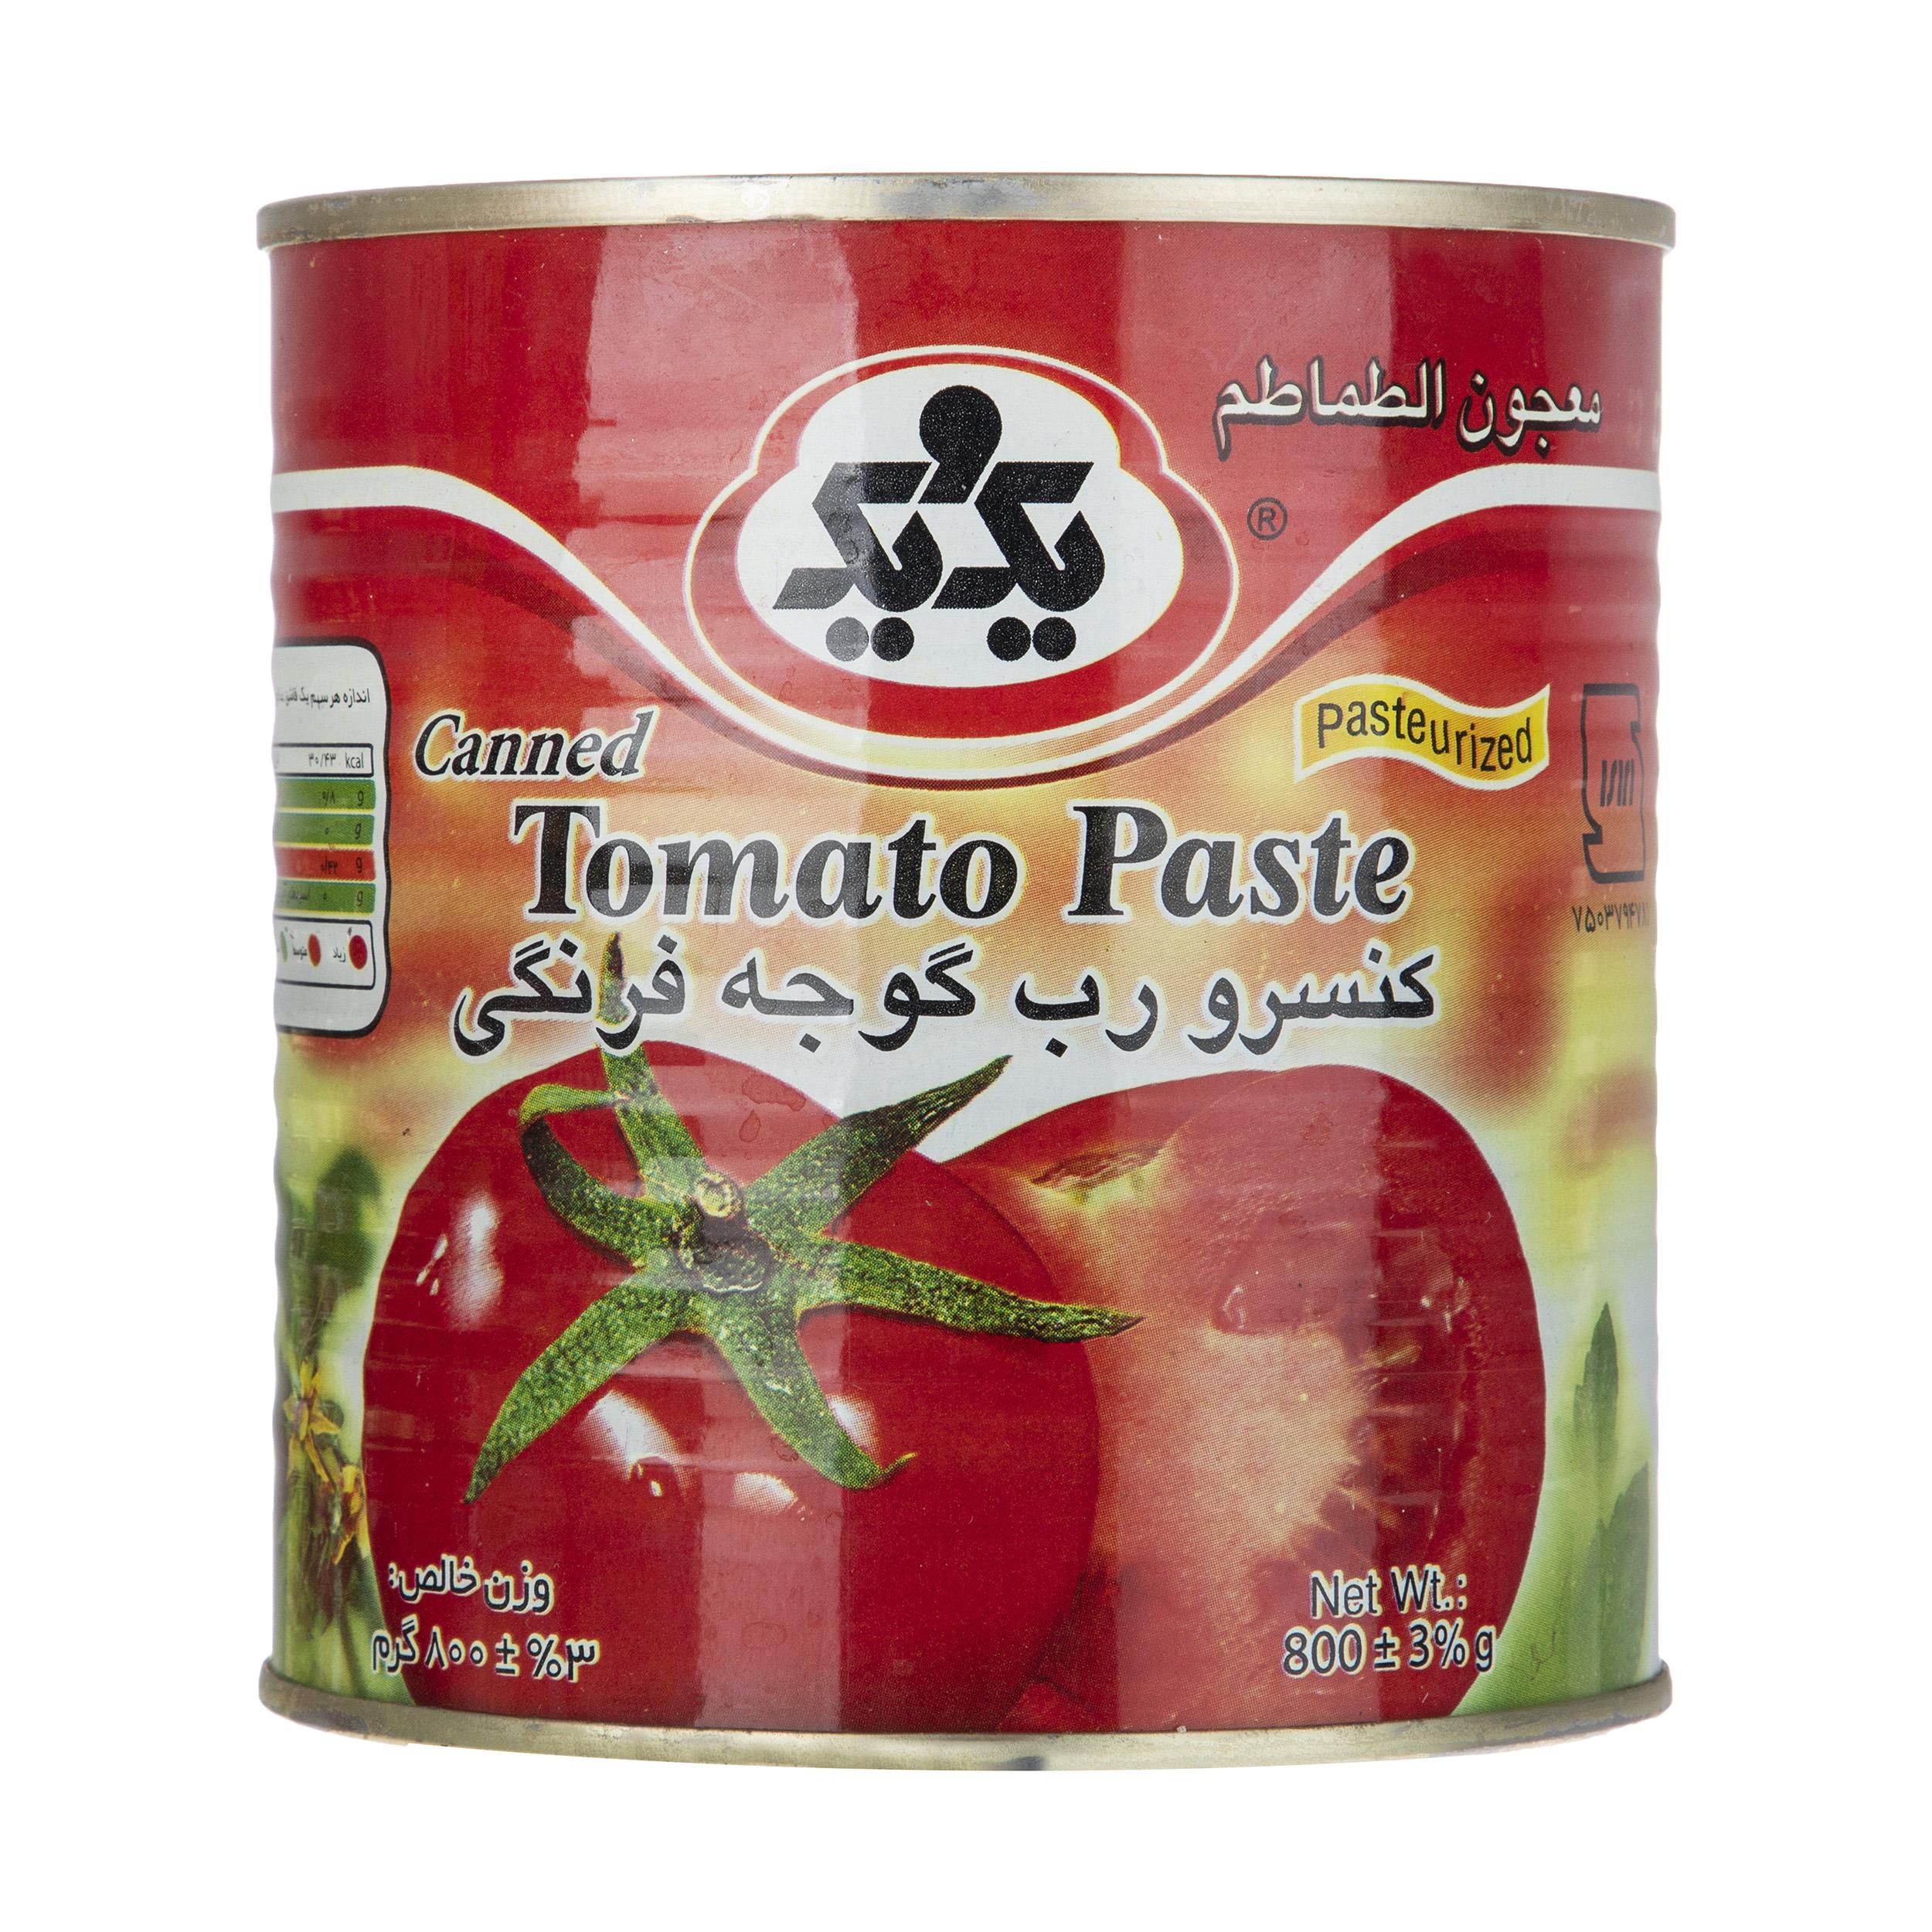 رب گوجه فرنگی یک و یک مقدار 800 گرم